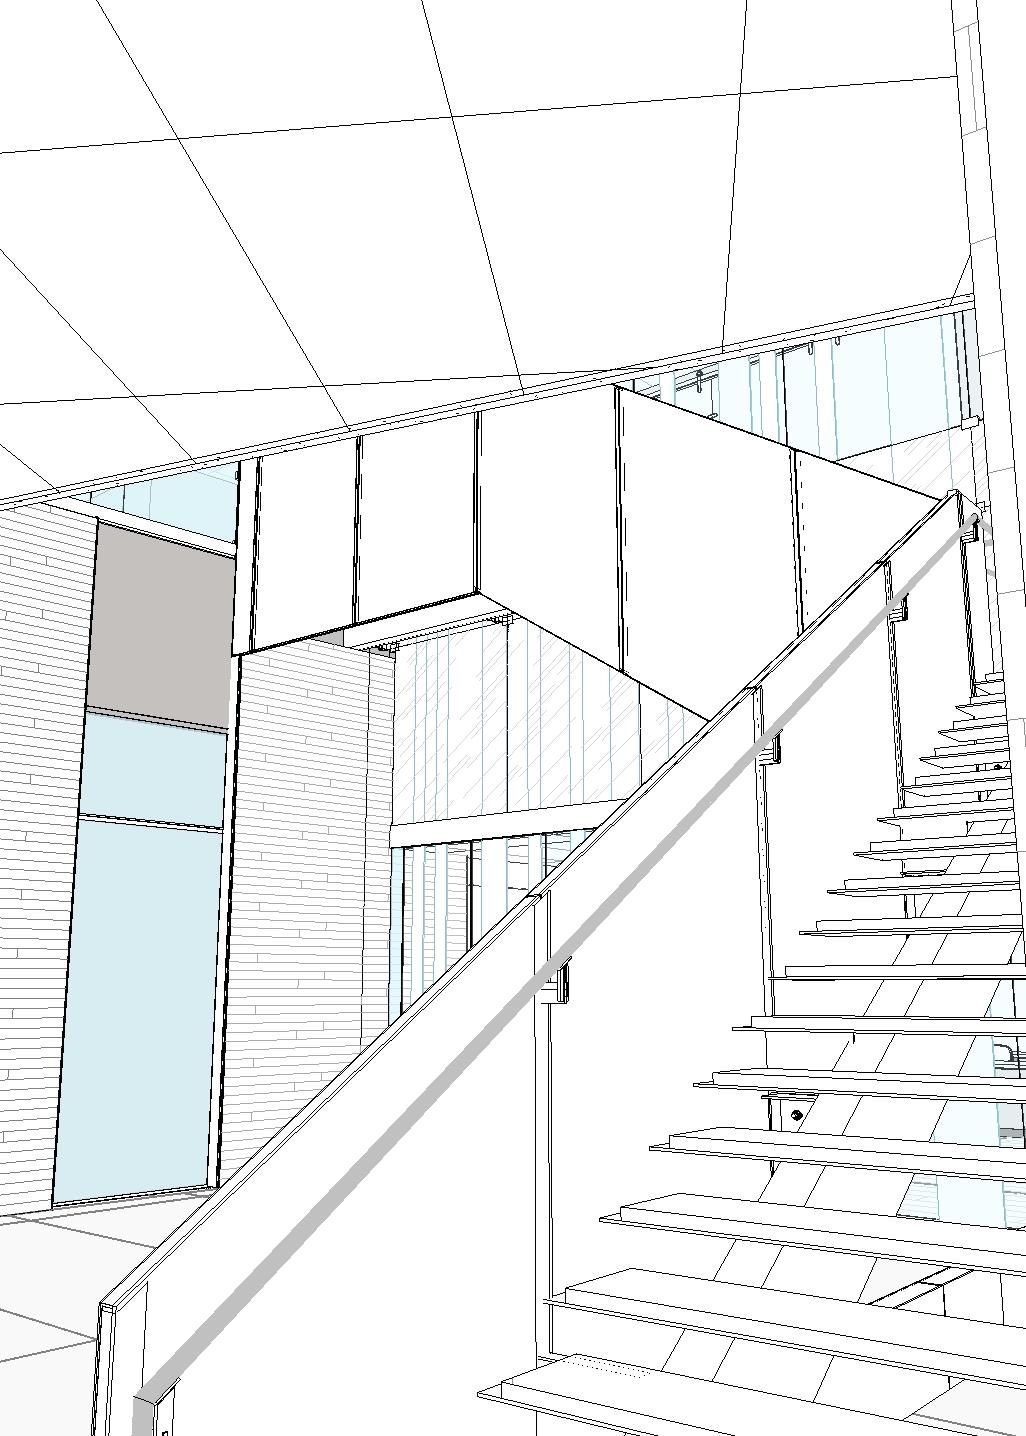 Cerner Innovations Campus | Standard Sheet Metal